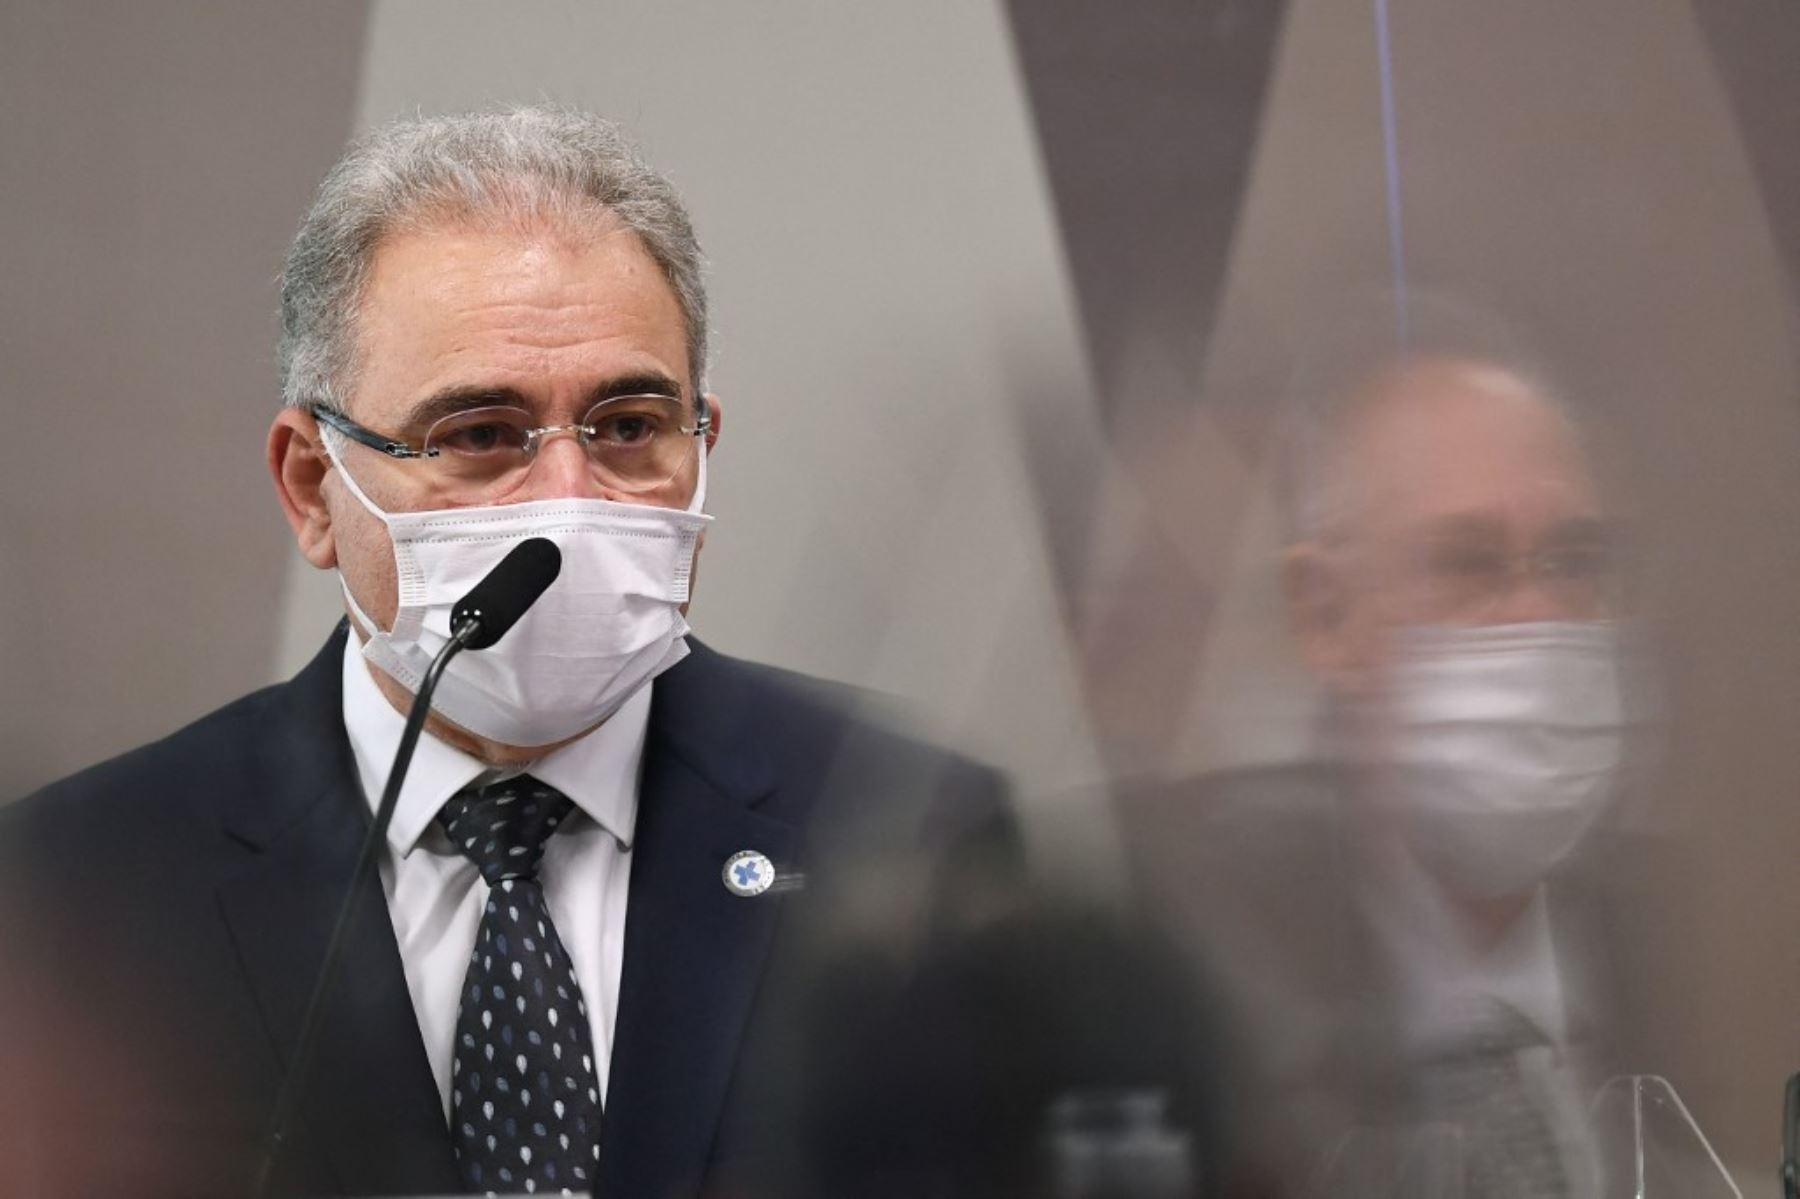 El ministro de Salud de Brasil, Marcelo Queiroga, dio positivo a covid-19. Foto: AFP